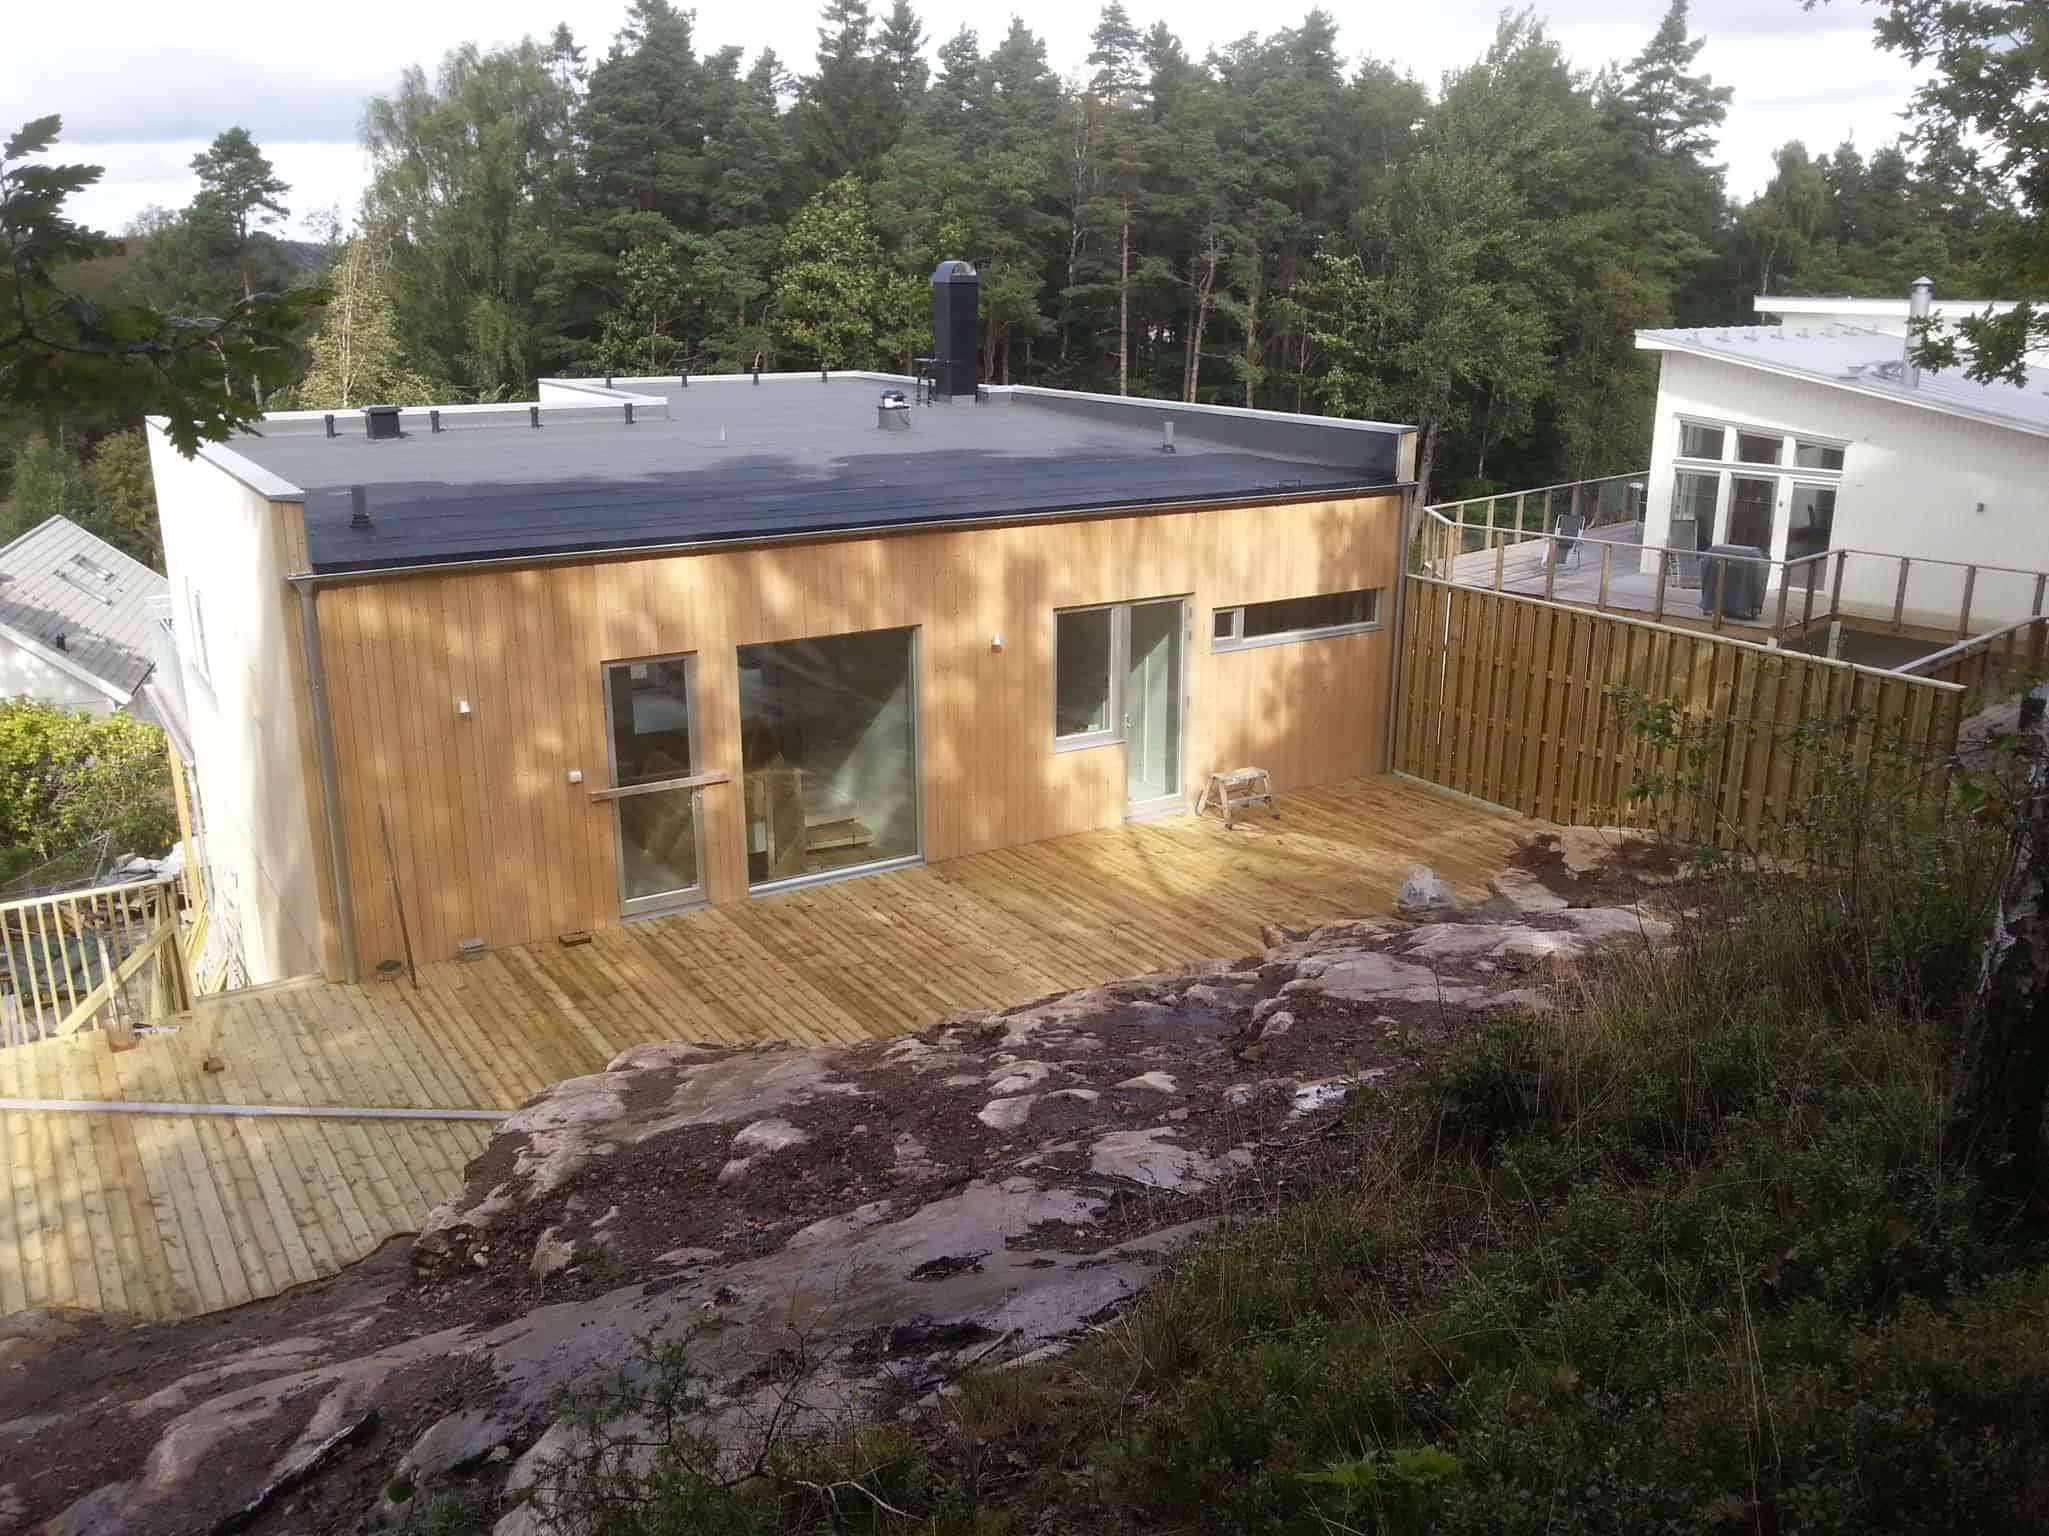 """Referensjobb """"Hus +altan"""" utfört av Byggfirma Hans Johansson i Borås"""